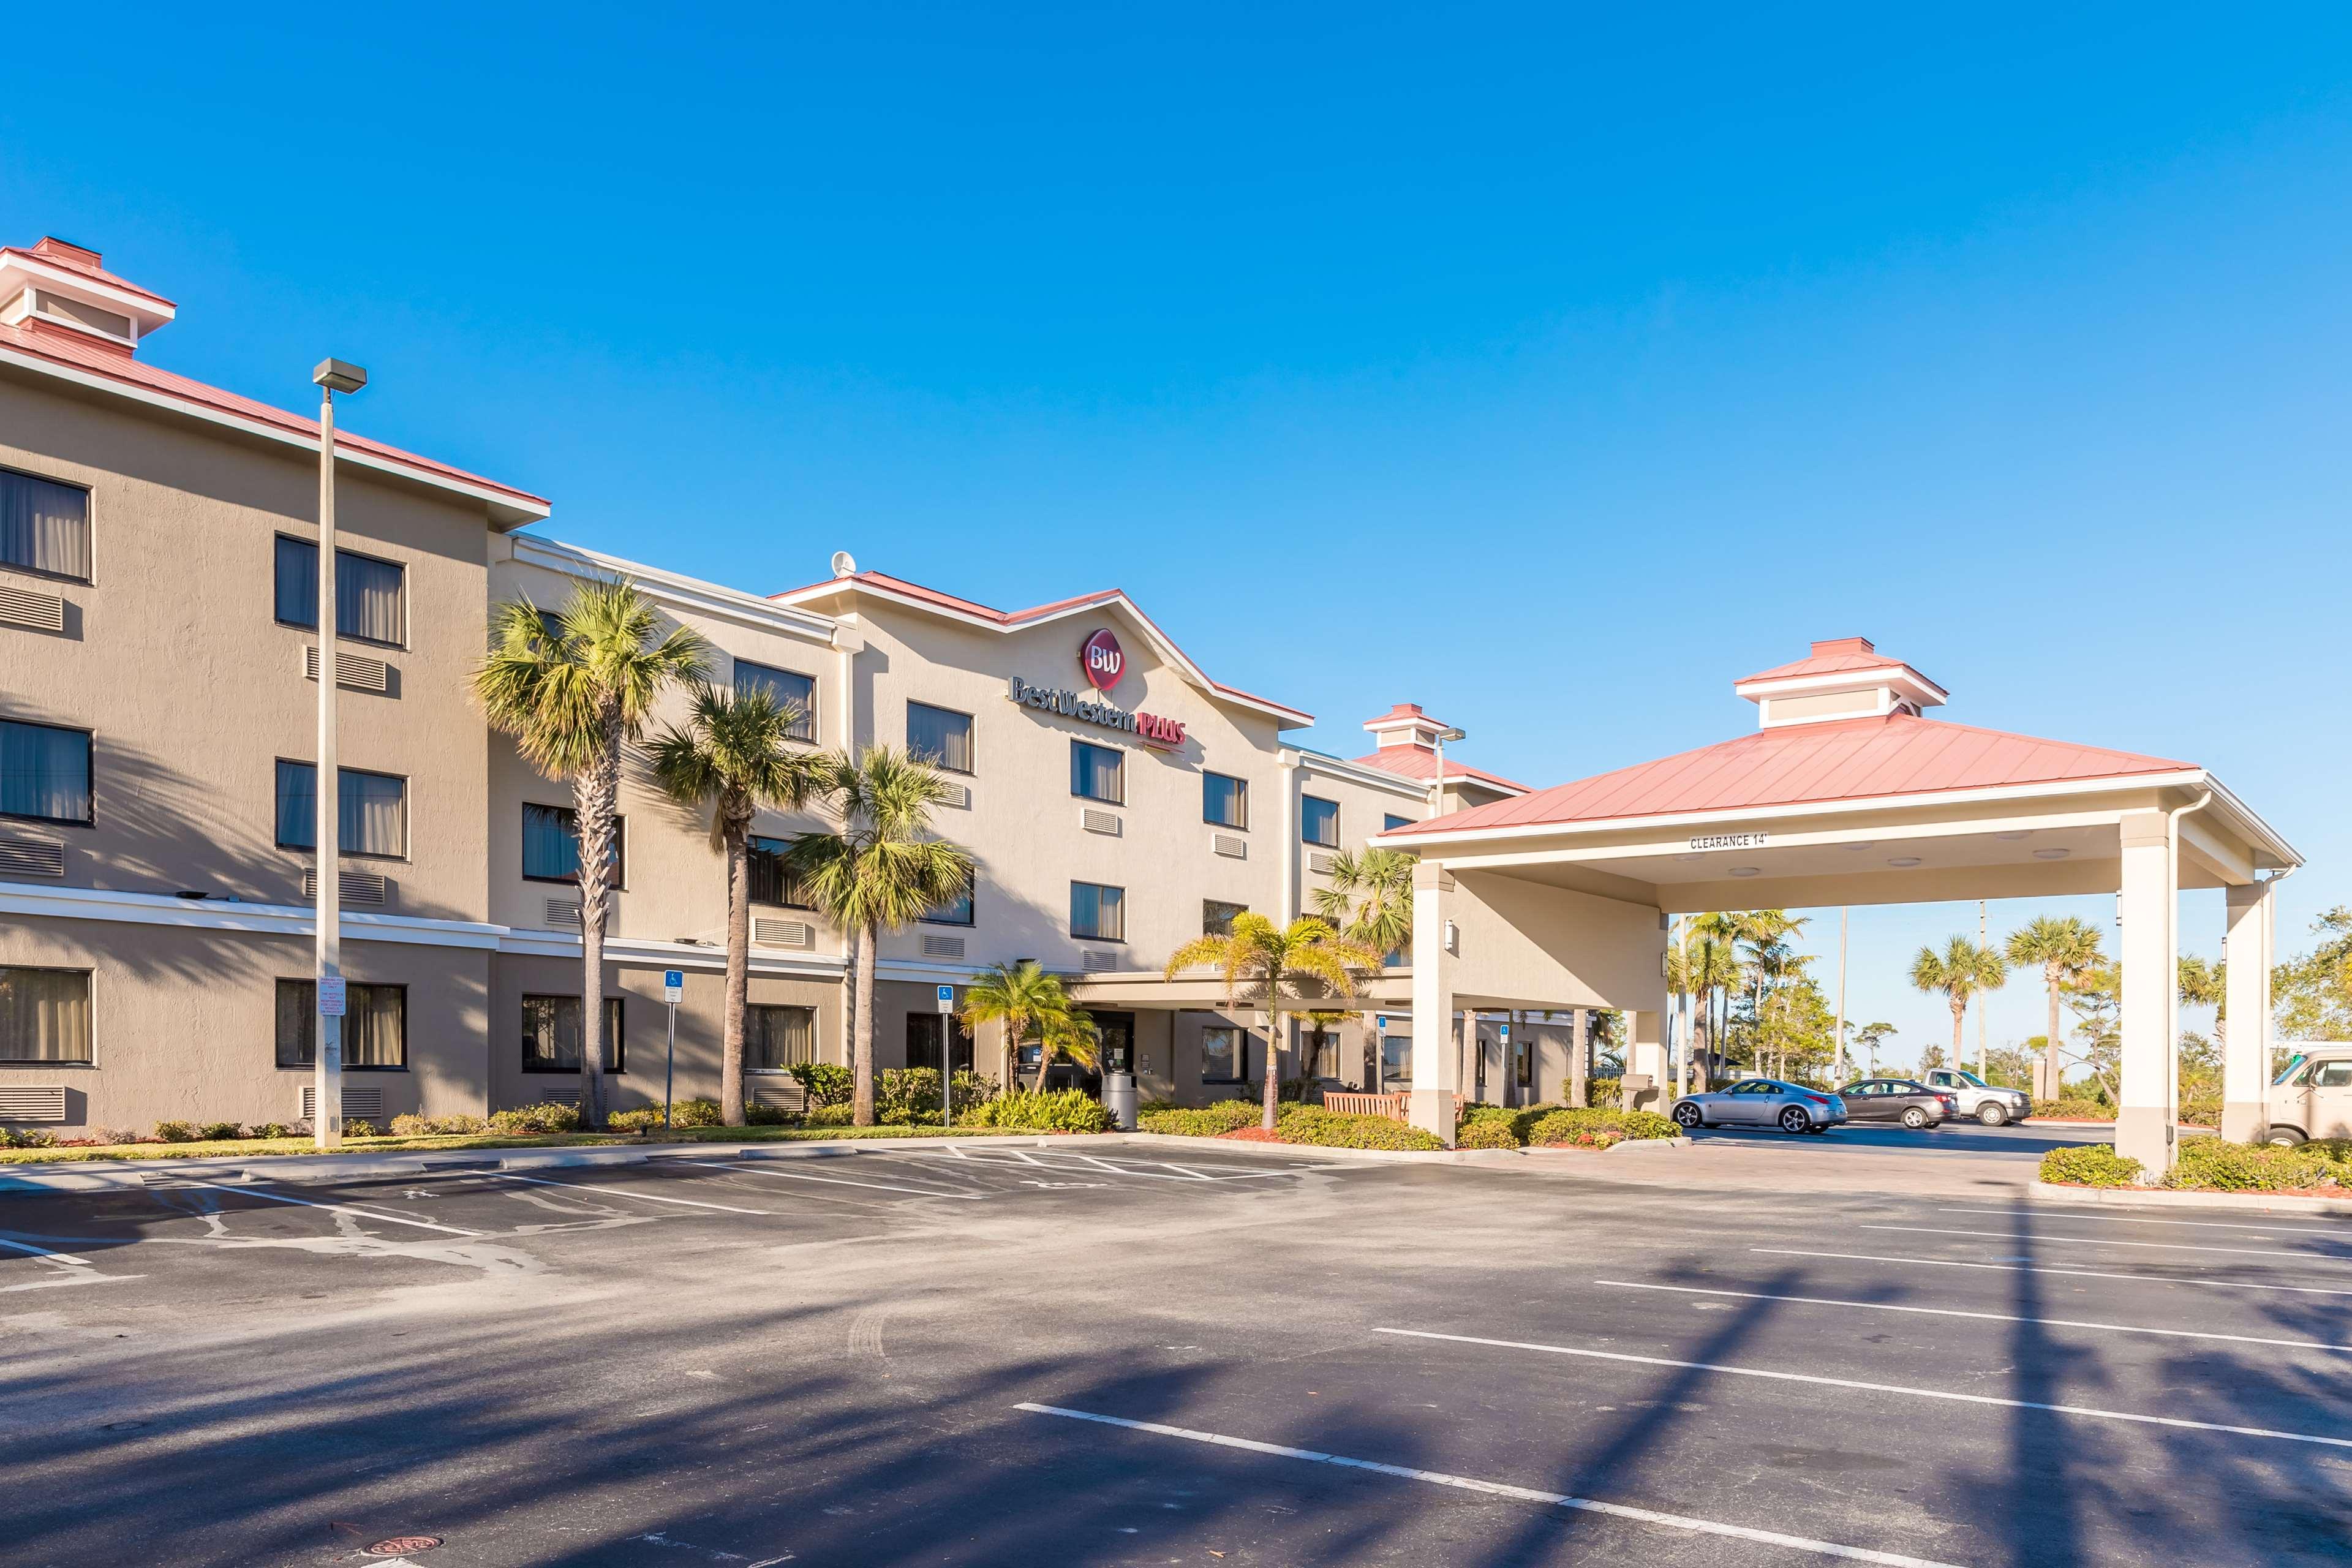 Best Western Plus Sebastian Hotel & Suites image 36